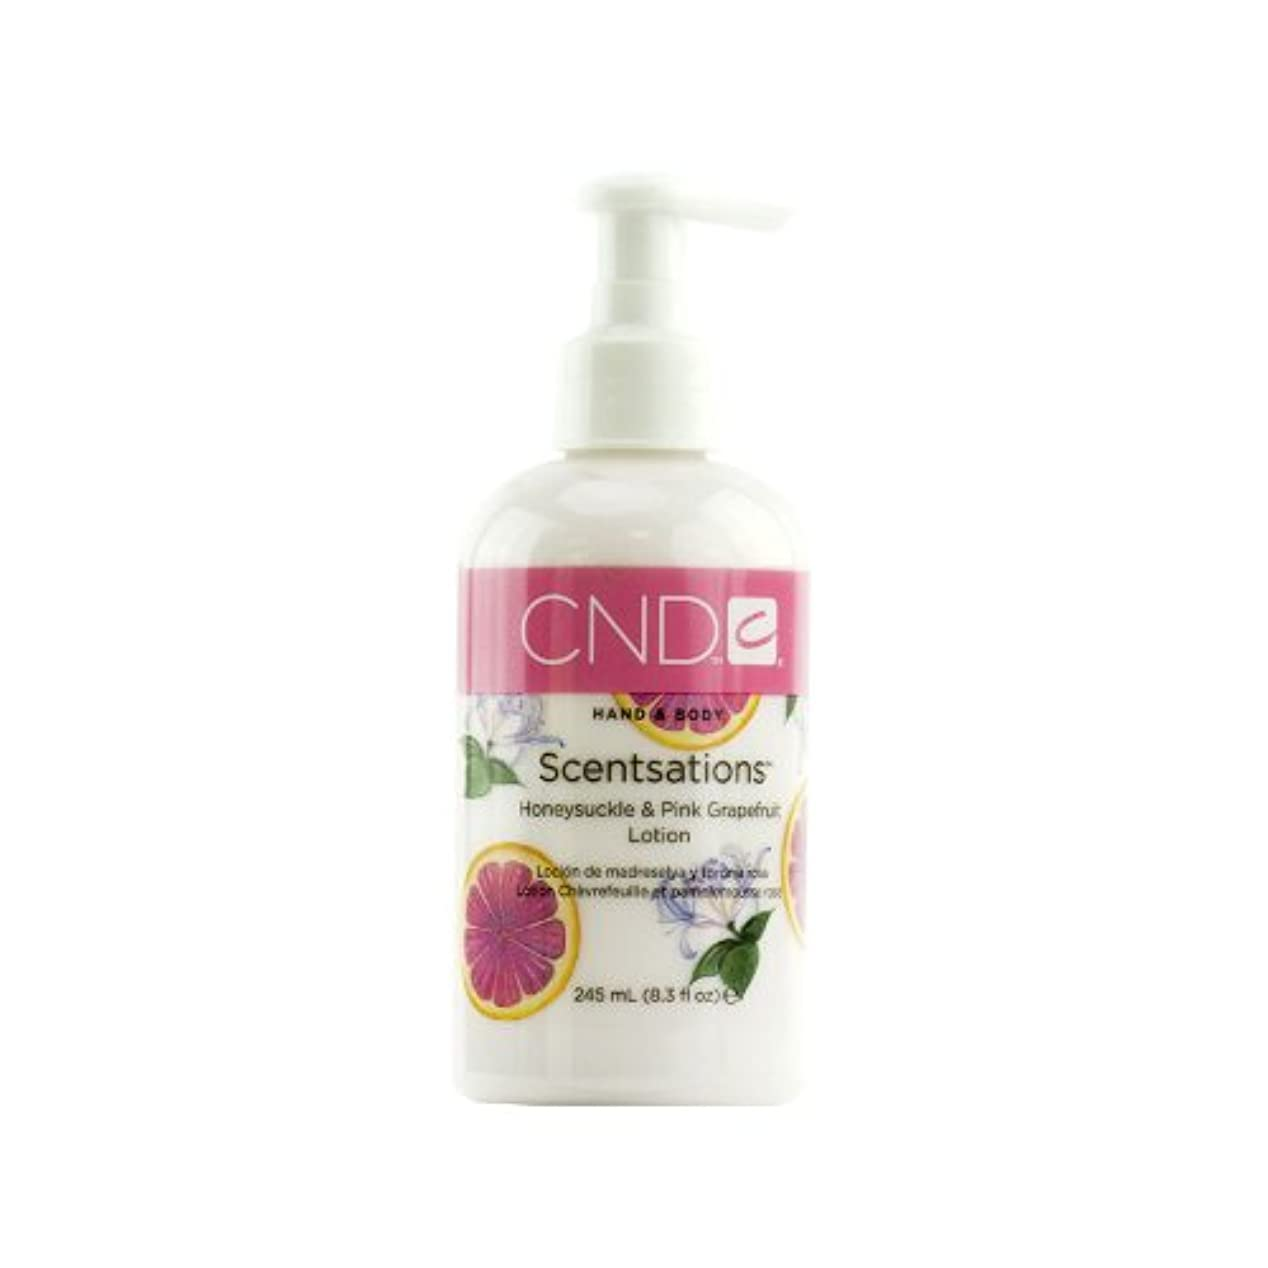 スイング引き出す番号CND センセーション ハンド&ボディローション ハニーサックル&ピンクグレープフルーツ 245ml みずみずしいフェミニンな香り